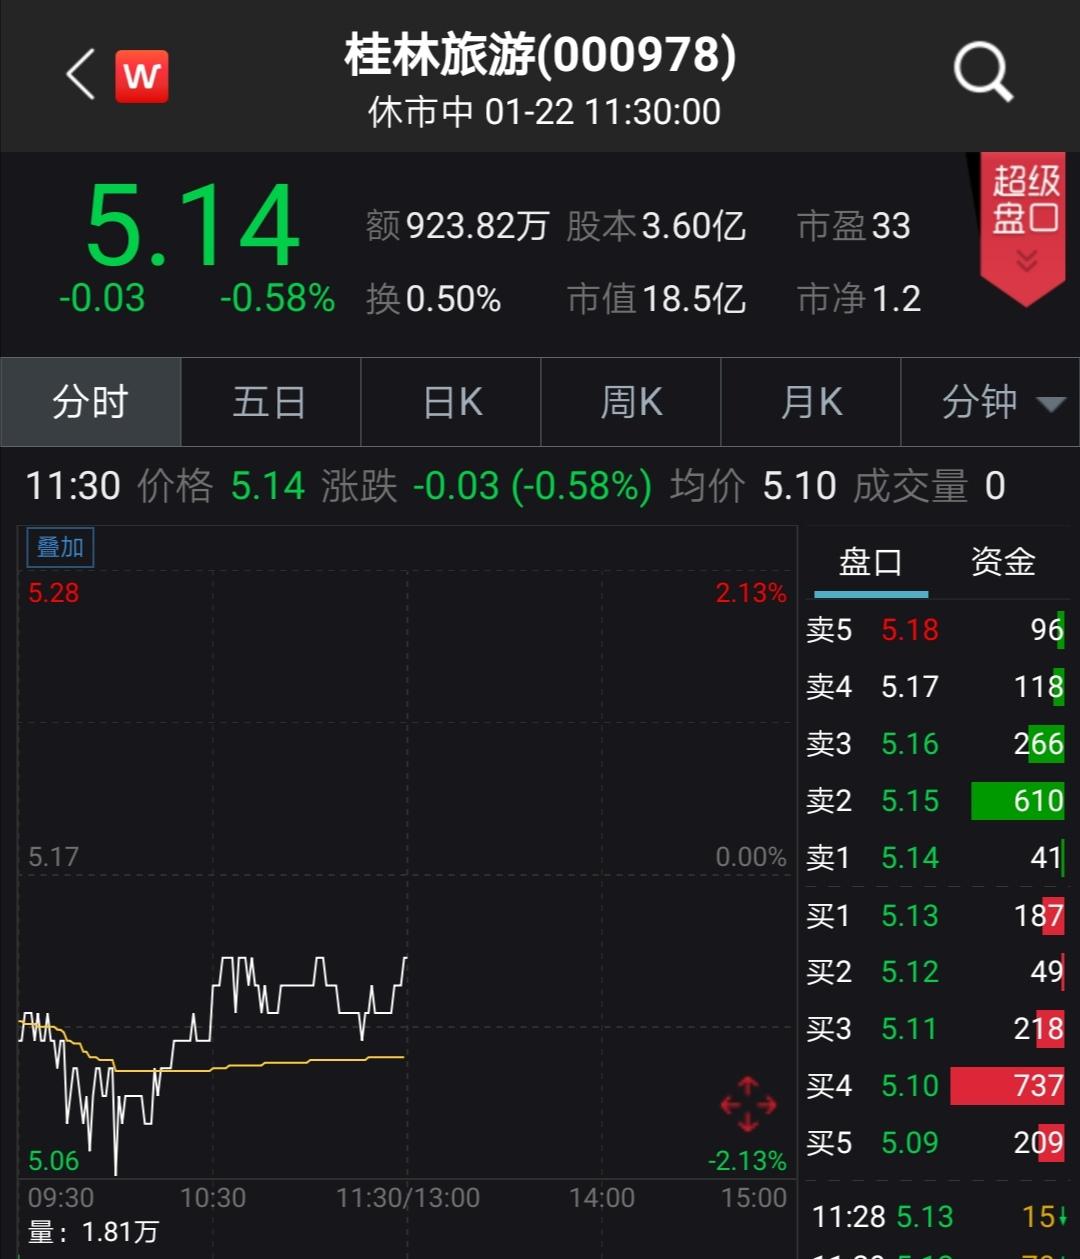 上半年持续降雨影响业绩?桂林旅游2019年净利下降31.59%